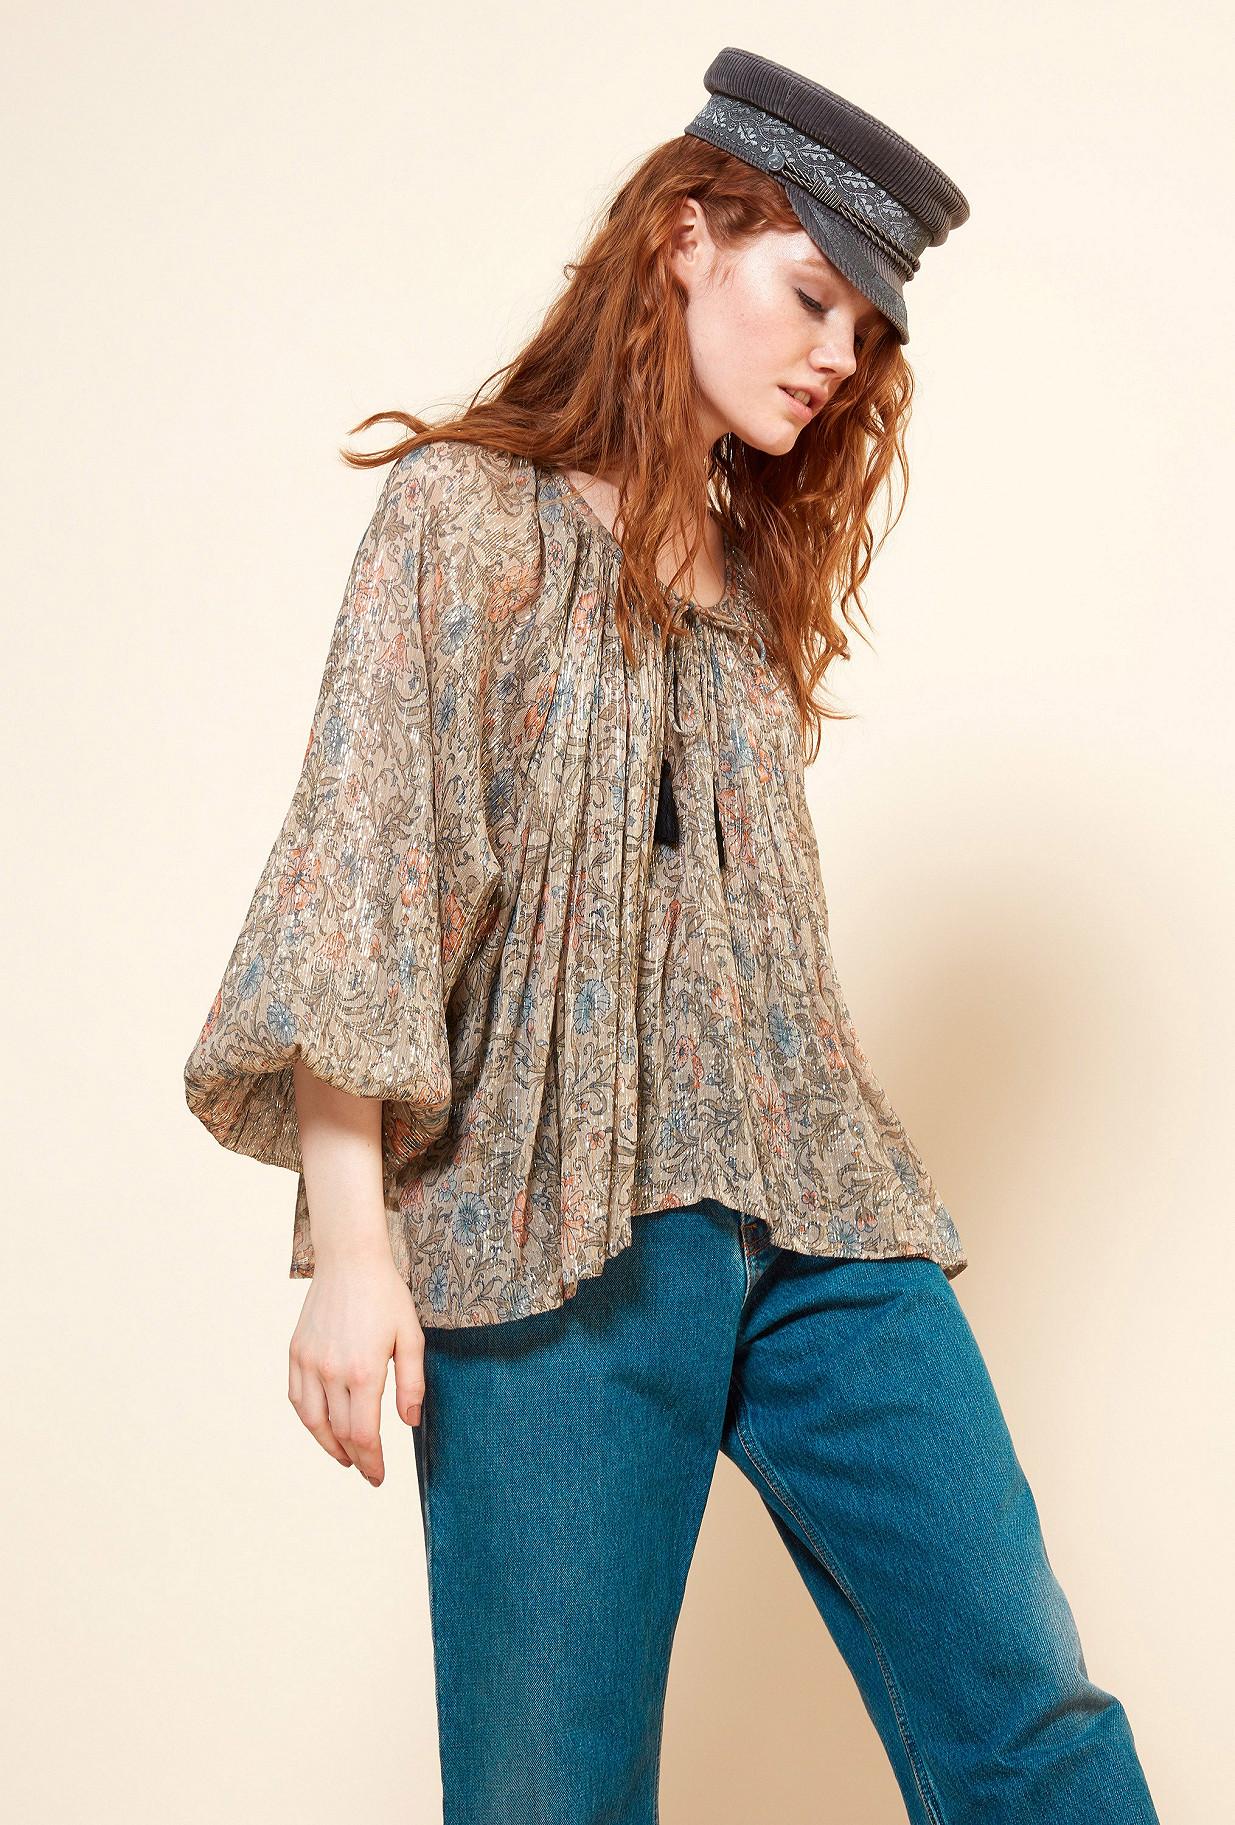 Paris boutique de mode vêtement Blouse créateur bohème  Ginger